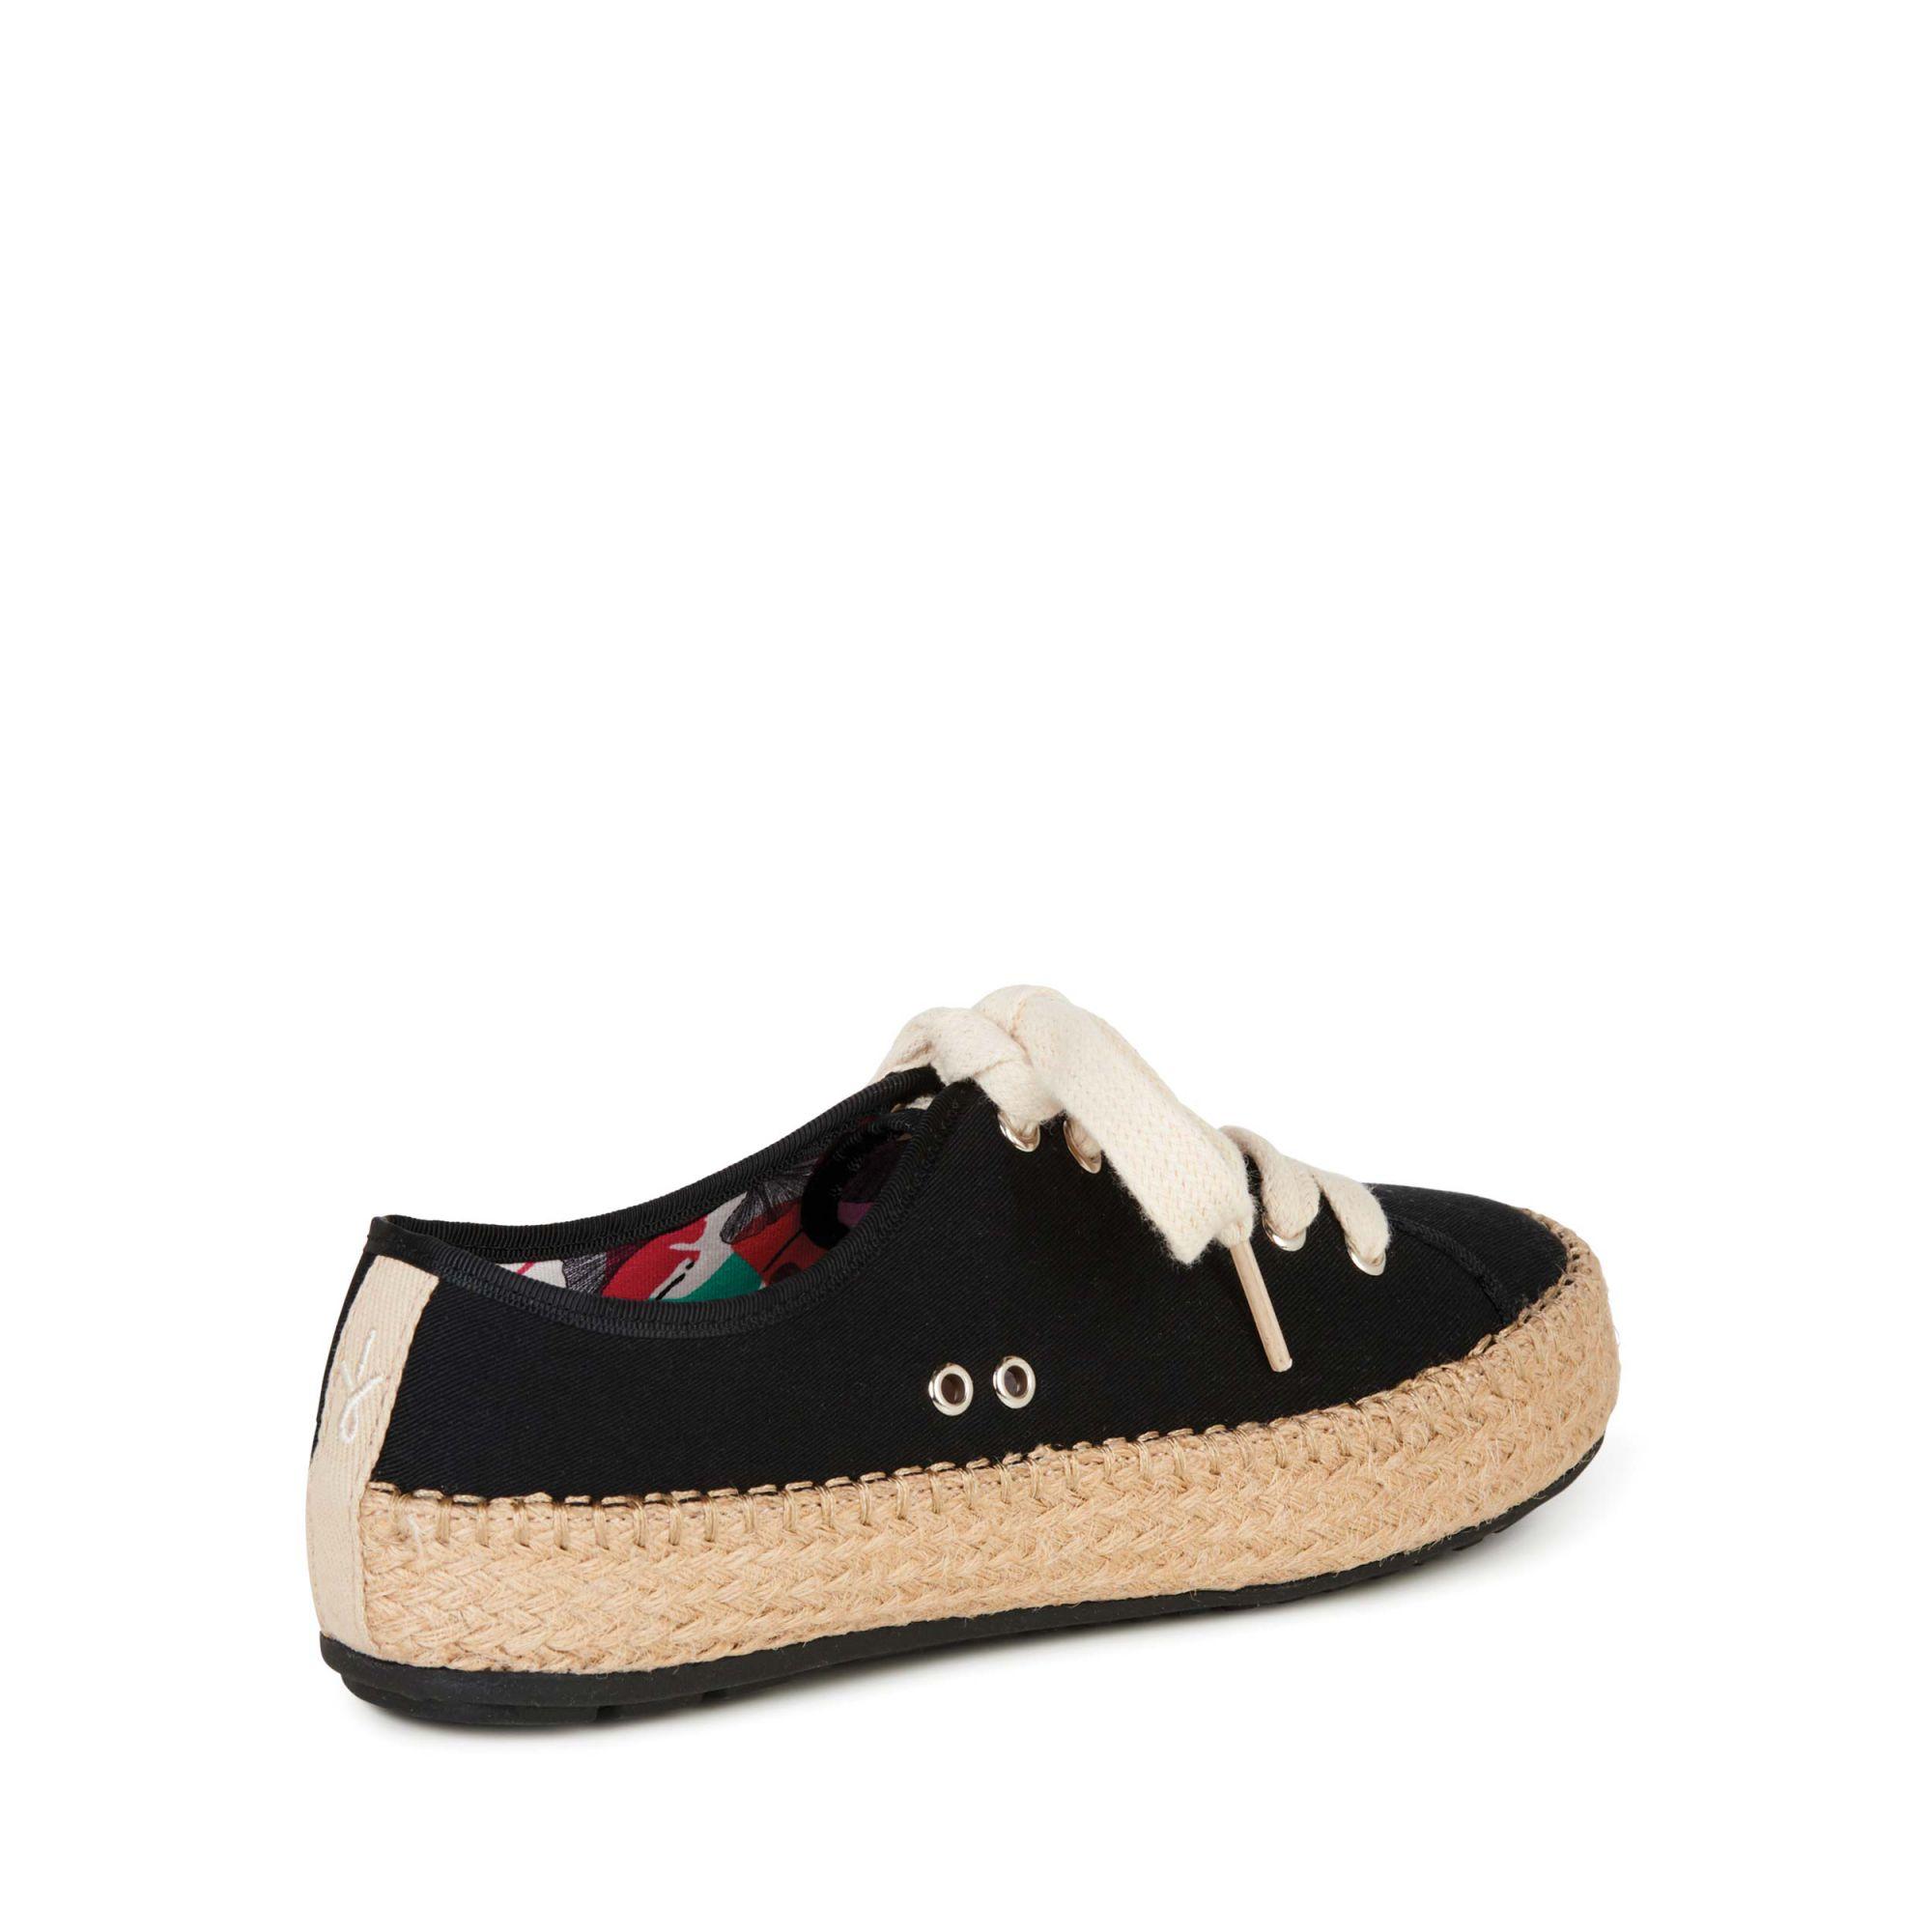 Emu Australia černé bavlněné tenisky Agonis Black